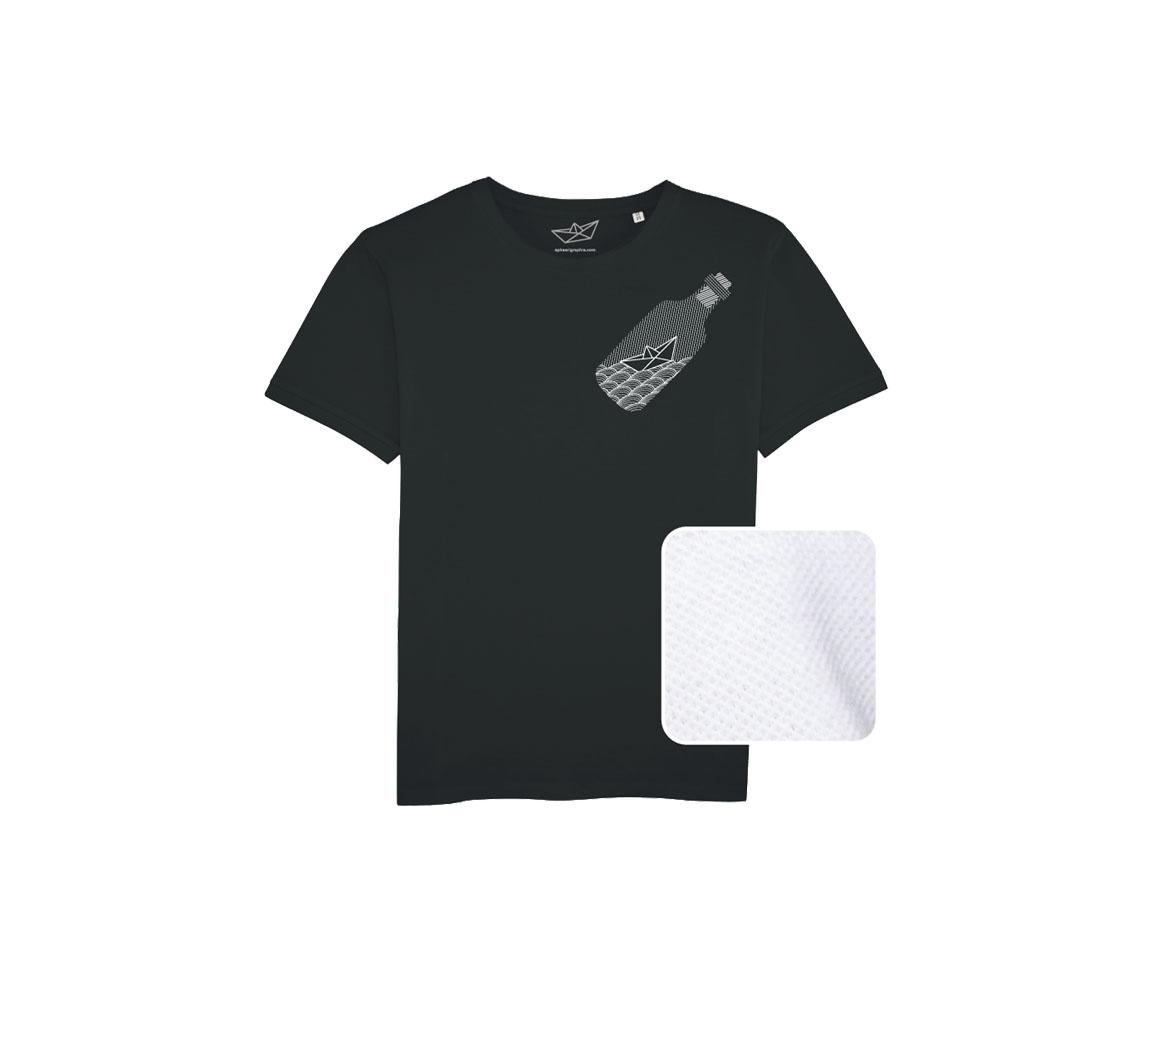 tee shirt en coton pique biologique T-shirt coton polo